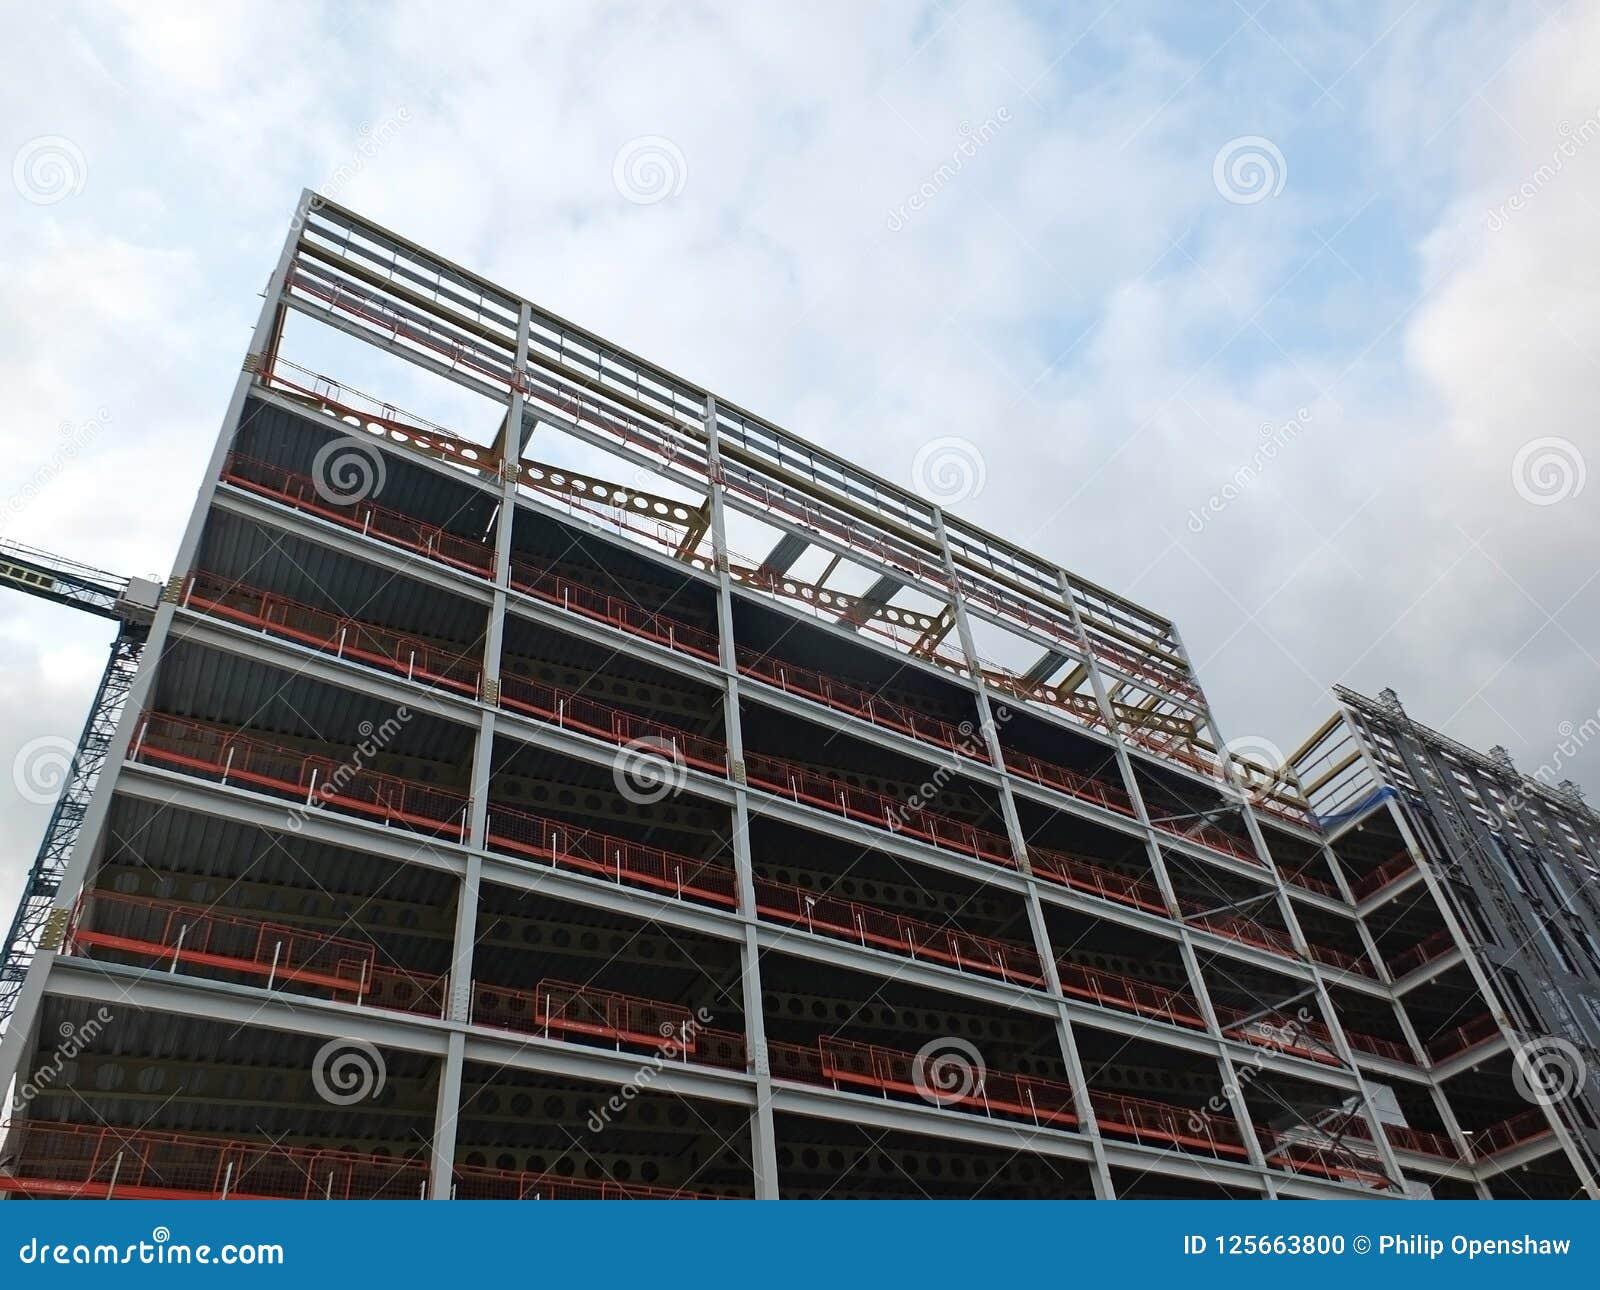 Widok wielki budynku rozwój w budowie z stalową strukturą i stropnicami wspiera metal podłogi z b